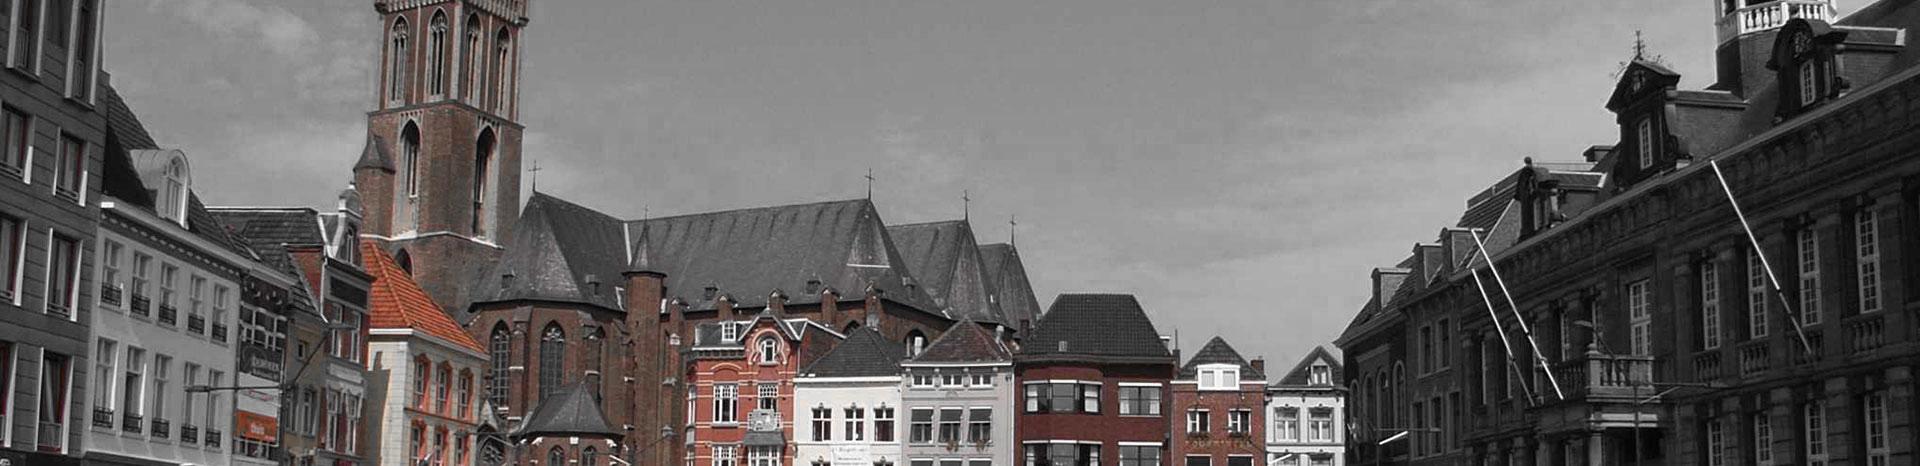 Letselschade advocaat Roermond en omstreken | LetselPro